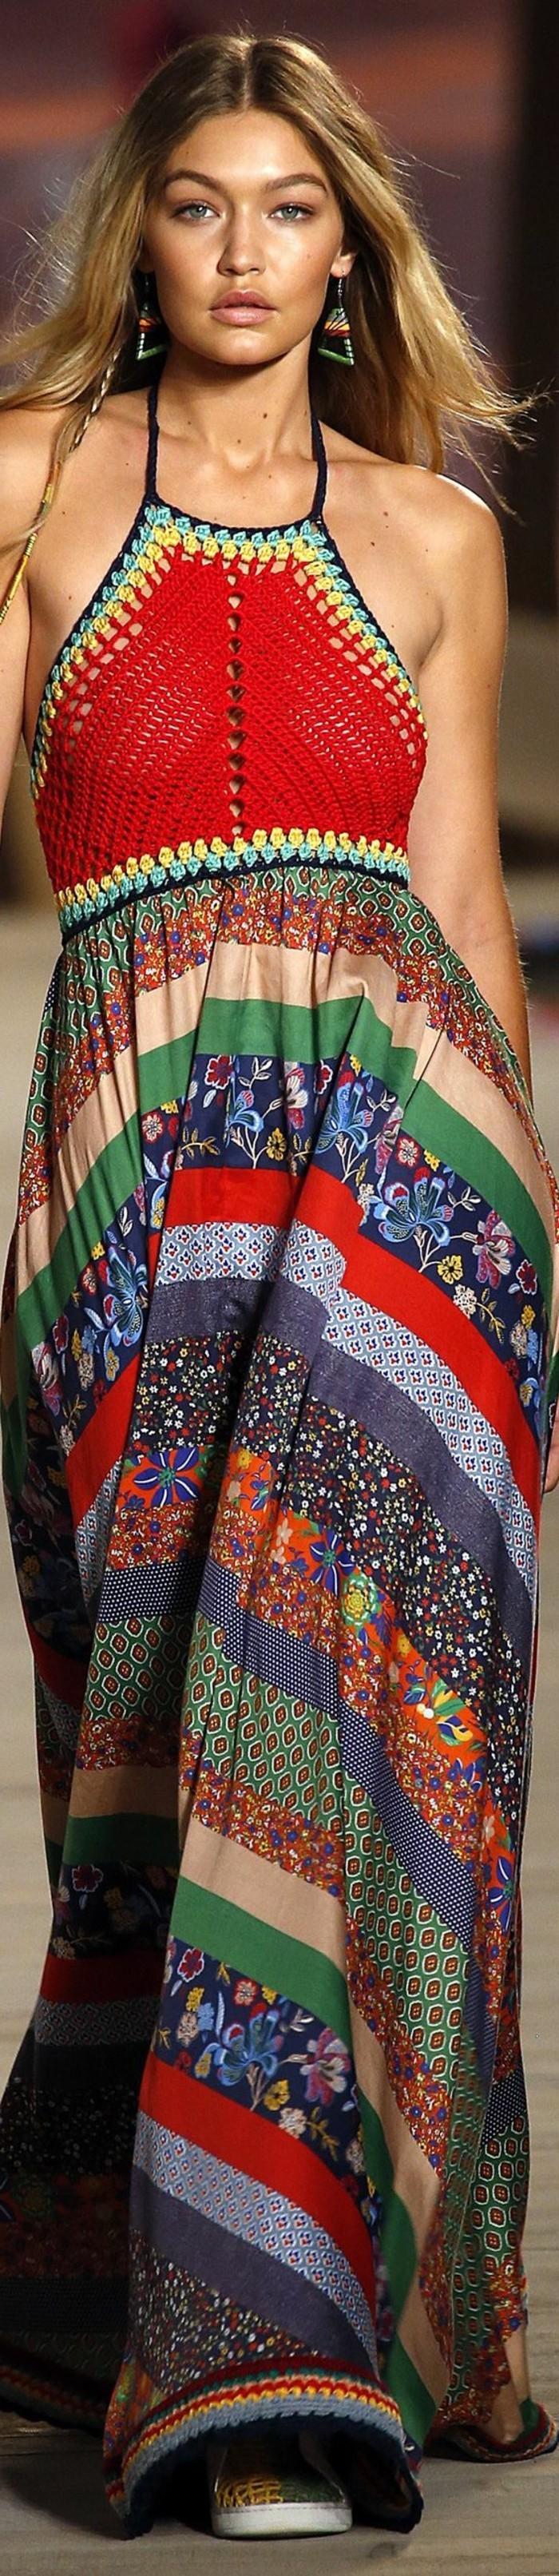 tenue boheme chic, jupe à rayures multicolores et top rouge crocheté